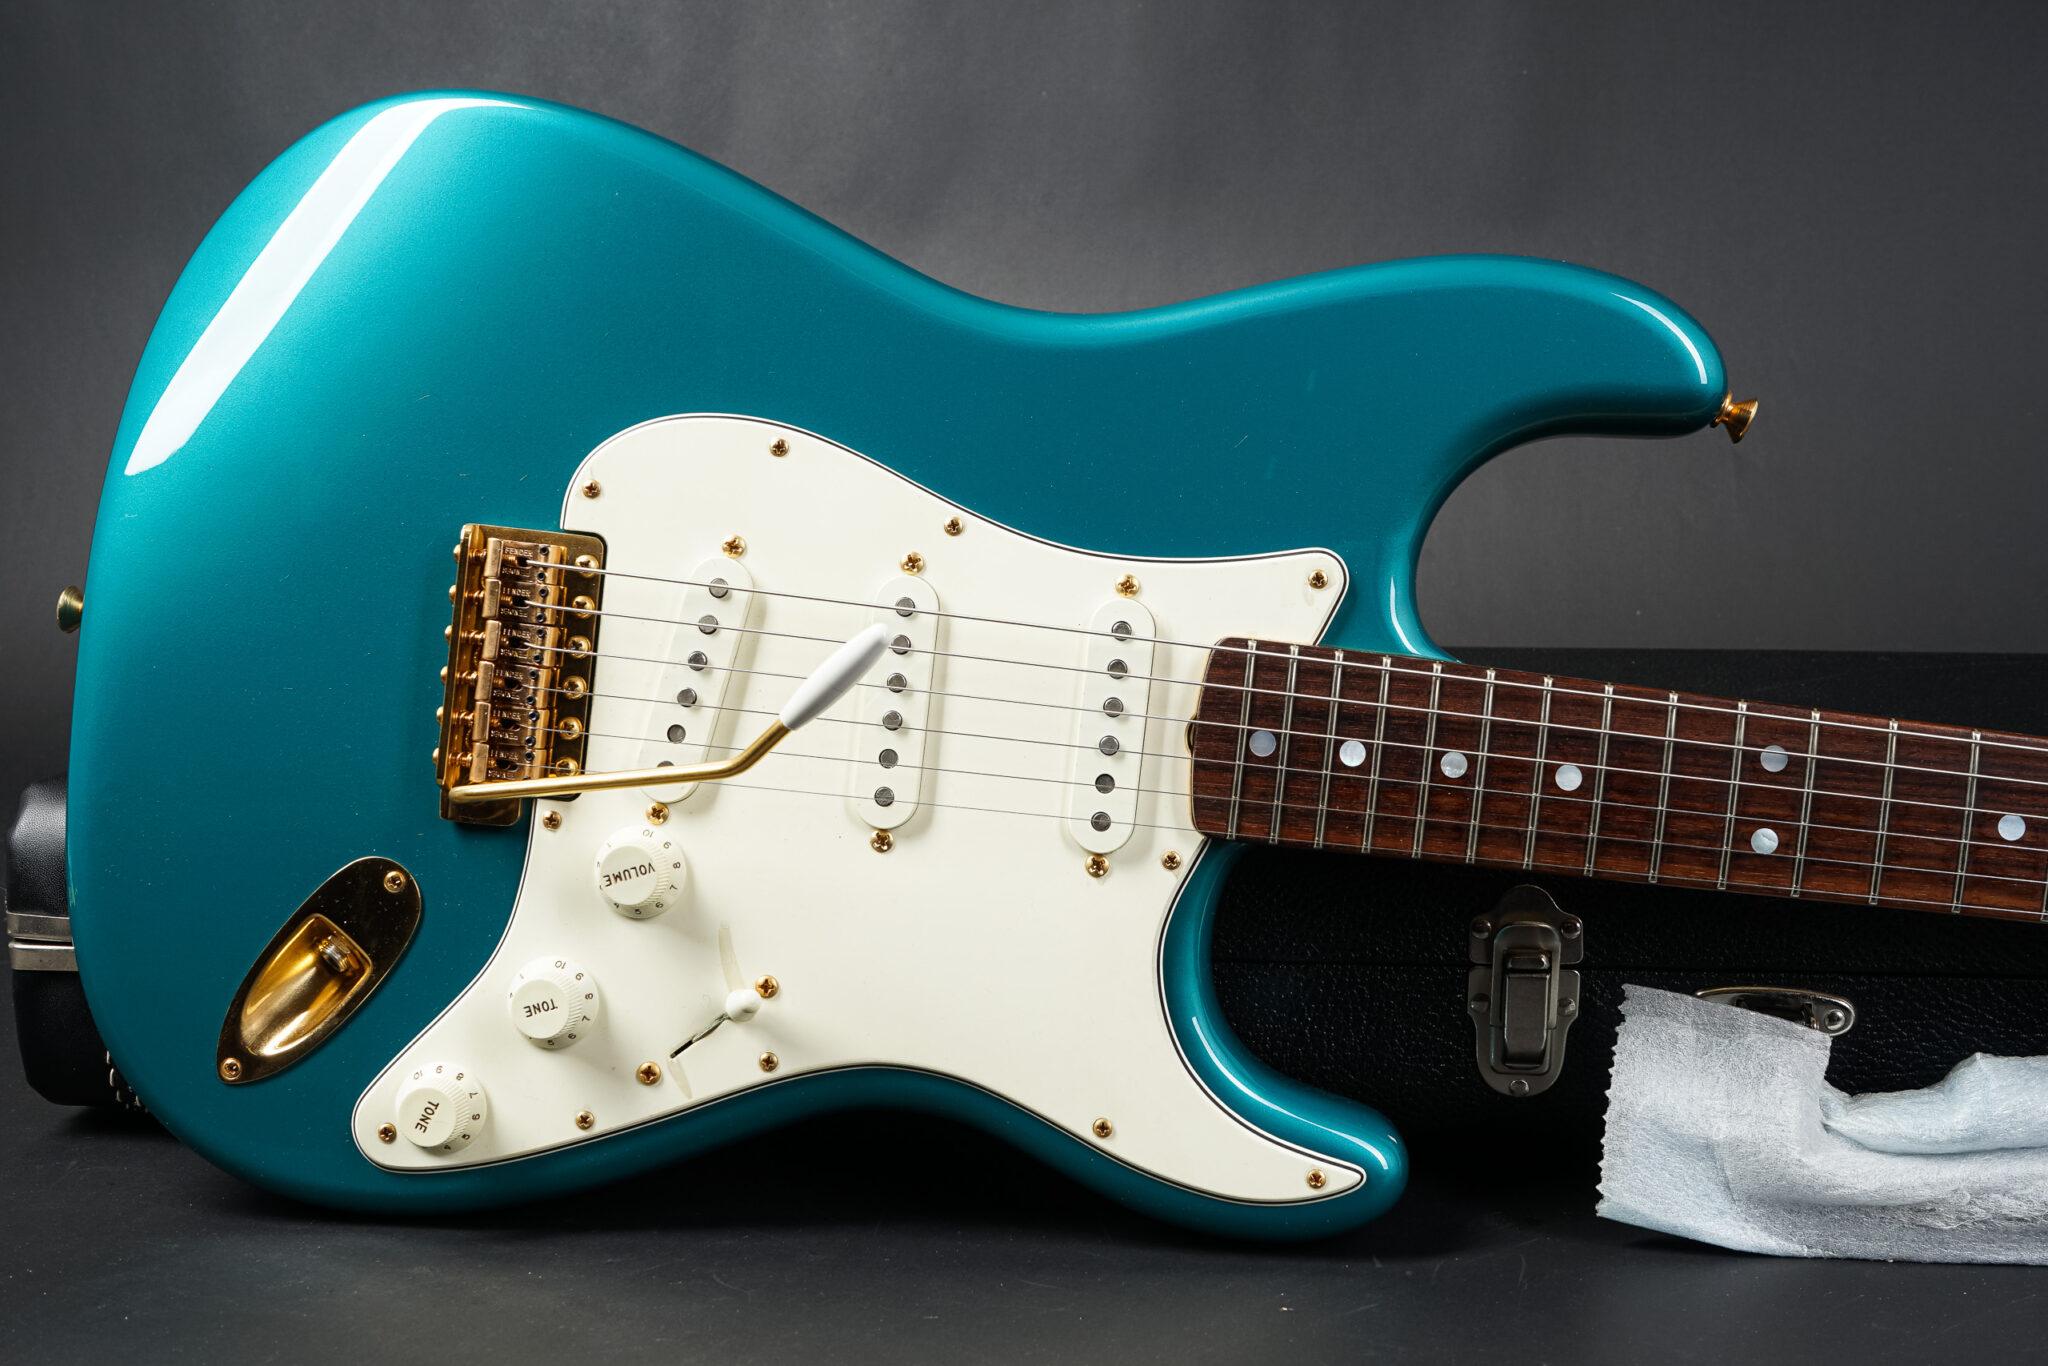 https://guitarpoint.de/app/uploads/products/2014-fender-yuriy-shishkov-masterbuilt-1965-stratocaster-nos-ocean-turquoise/2014-Fender-MBYS-1965-Strat-9-2048x1366.jpg